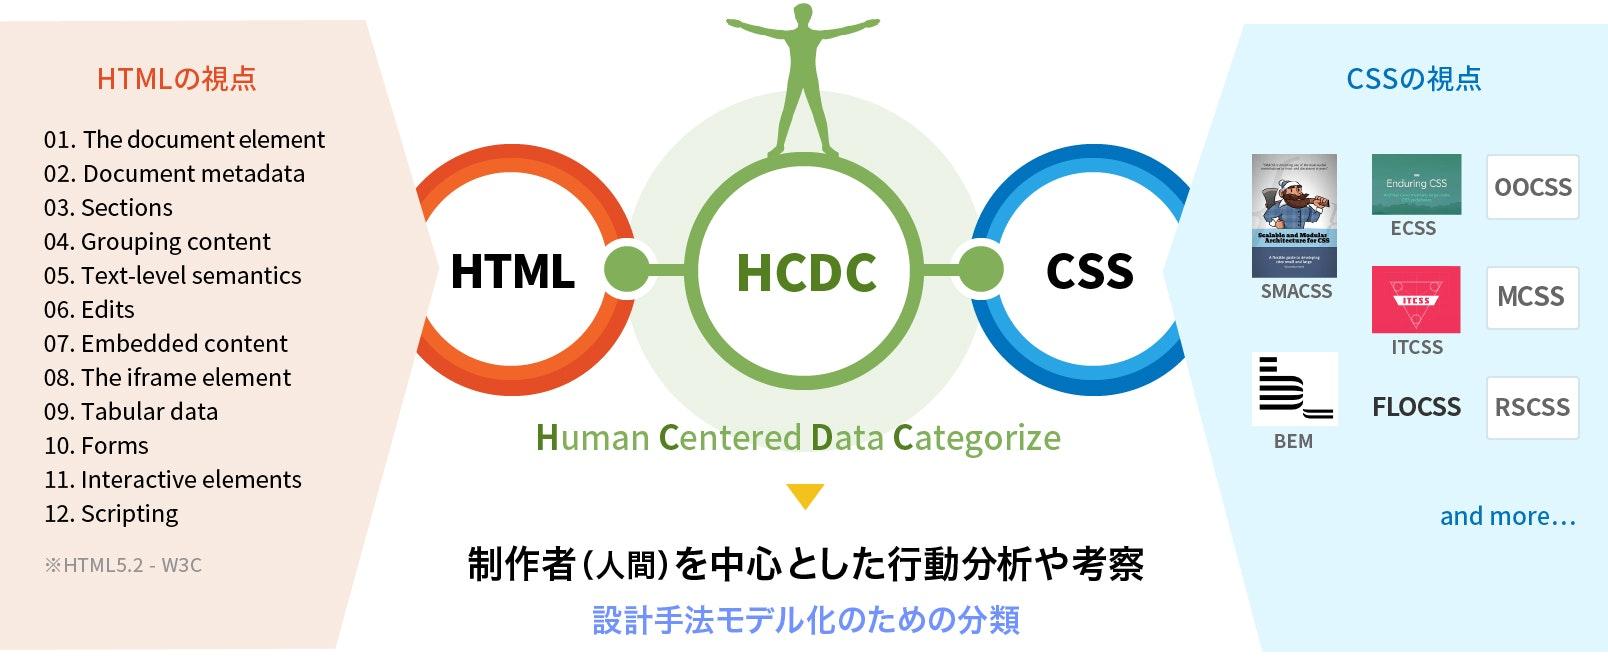 HCDCモデルの説明